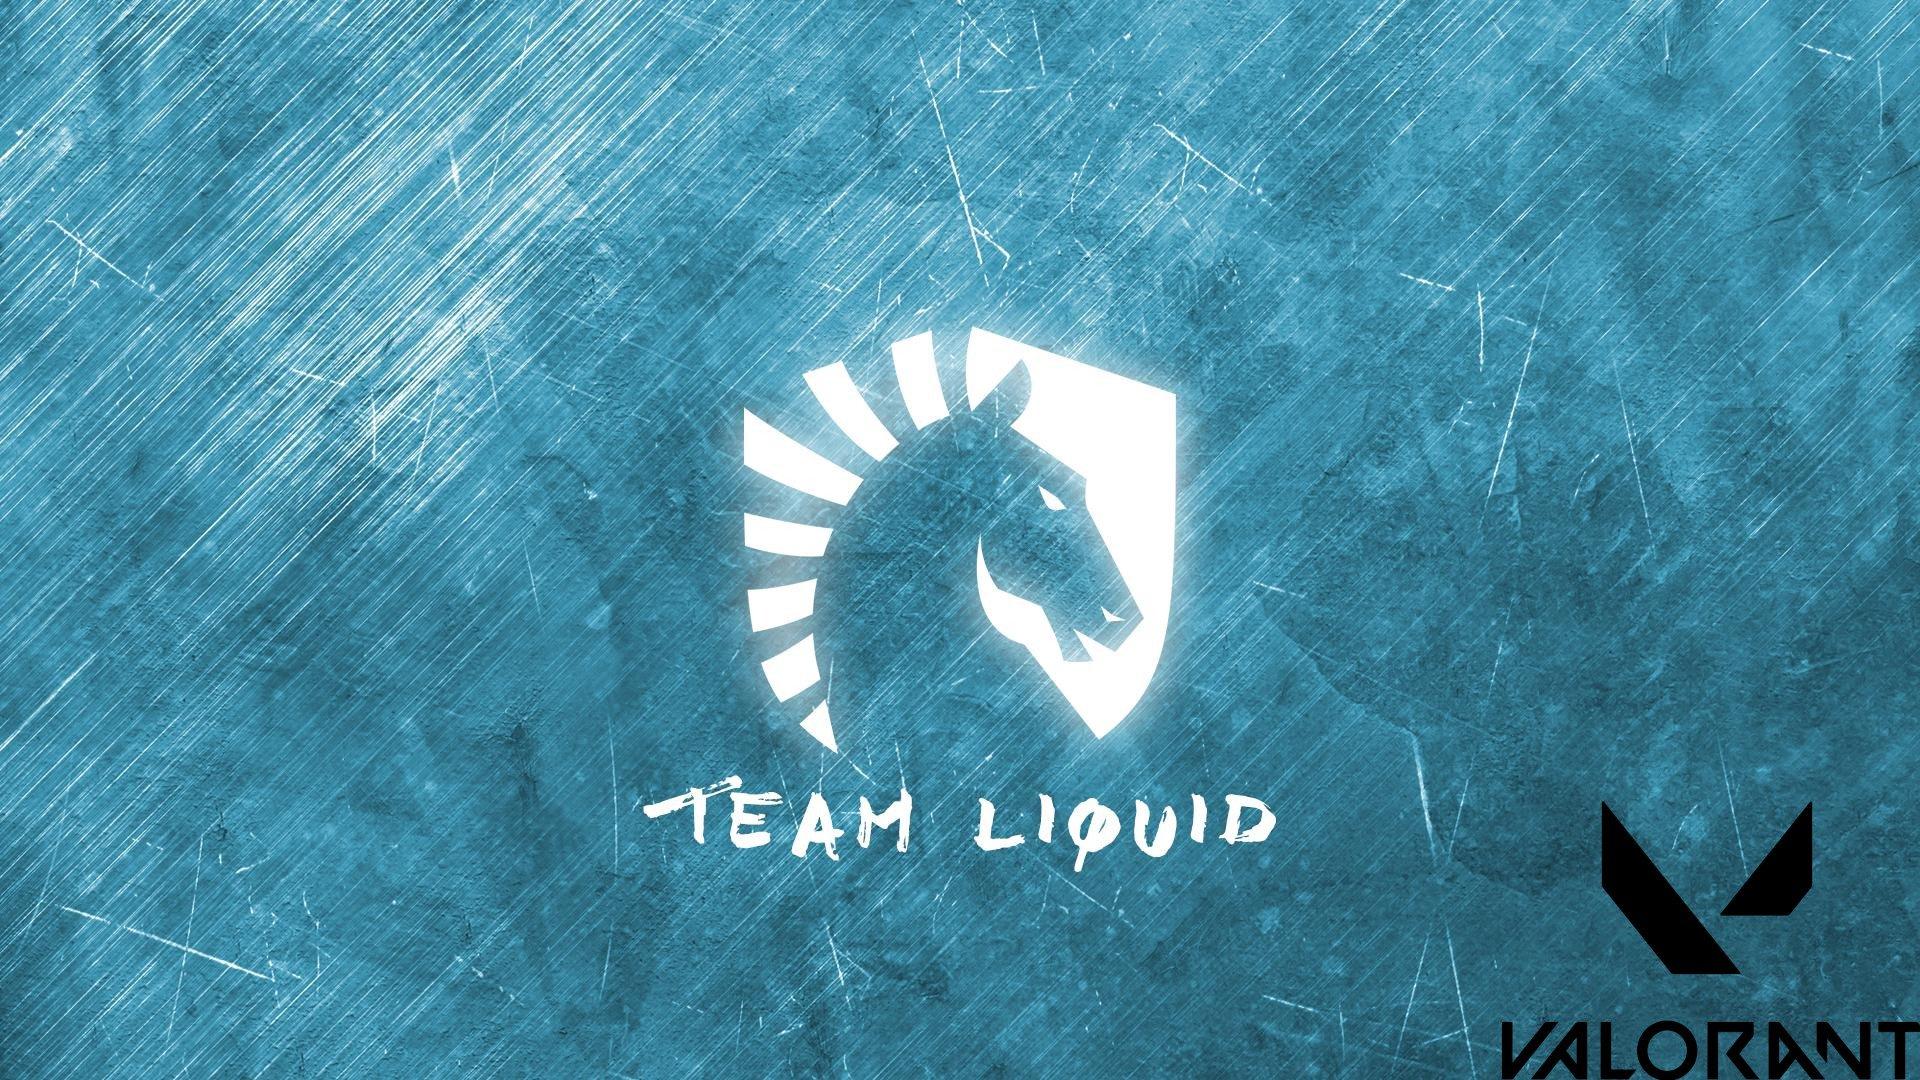 Team Liquid Valorant